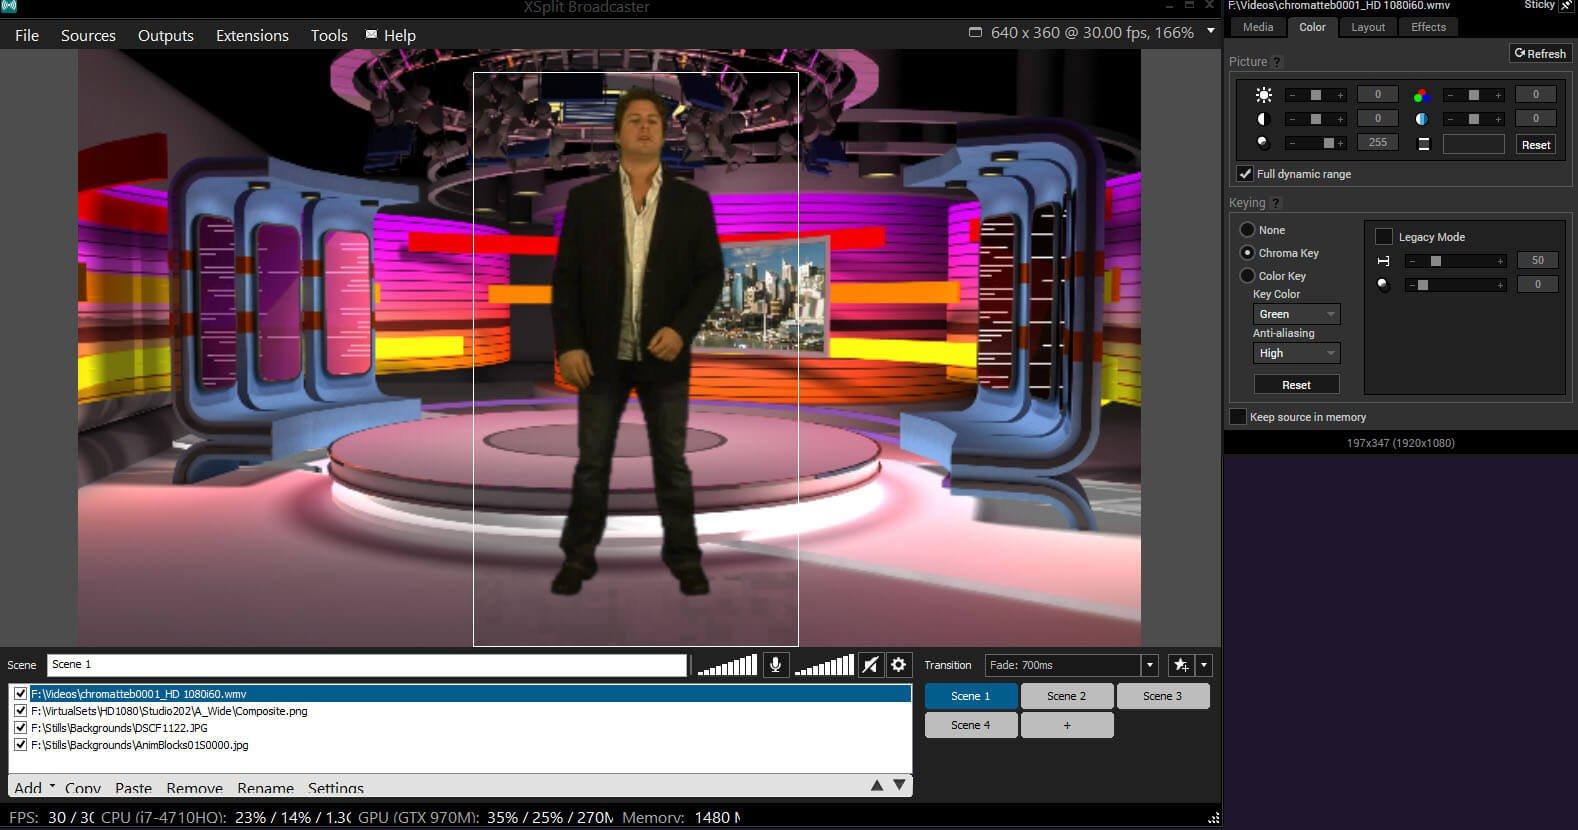 Xsplit Broadcaster Patch 2020